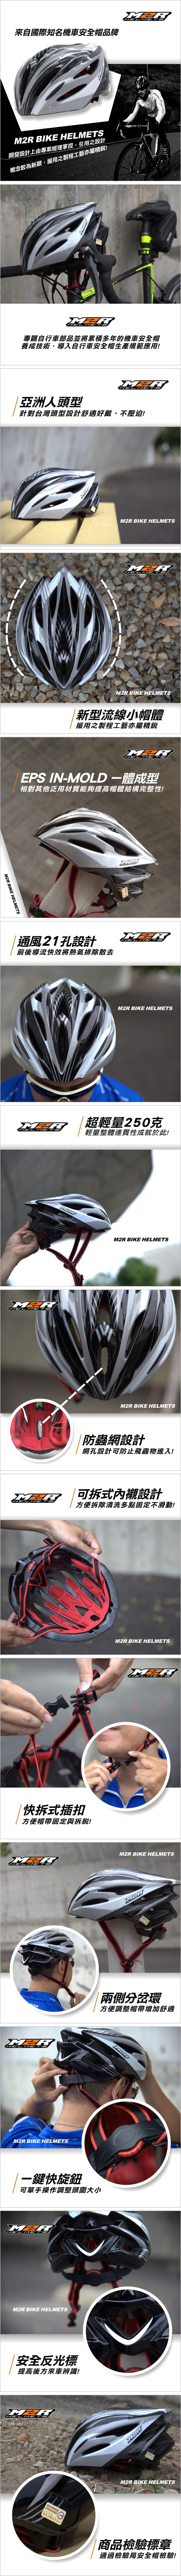 【路達自行車衣館】M2R 》MV12專業自行車安全帽 ★白粉 MV12-07-00 1